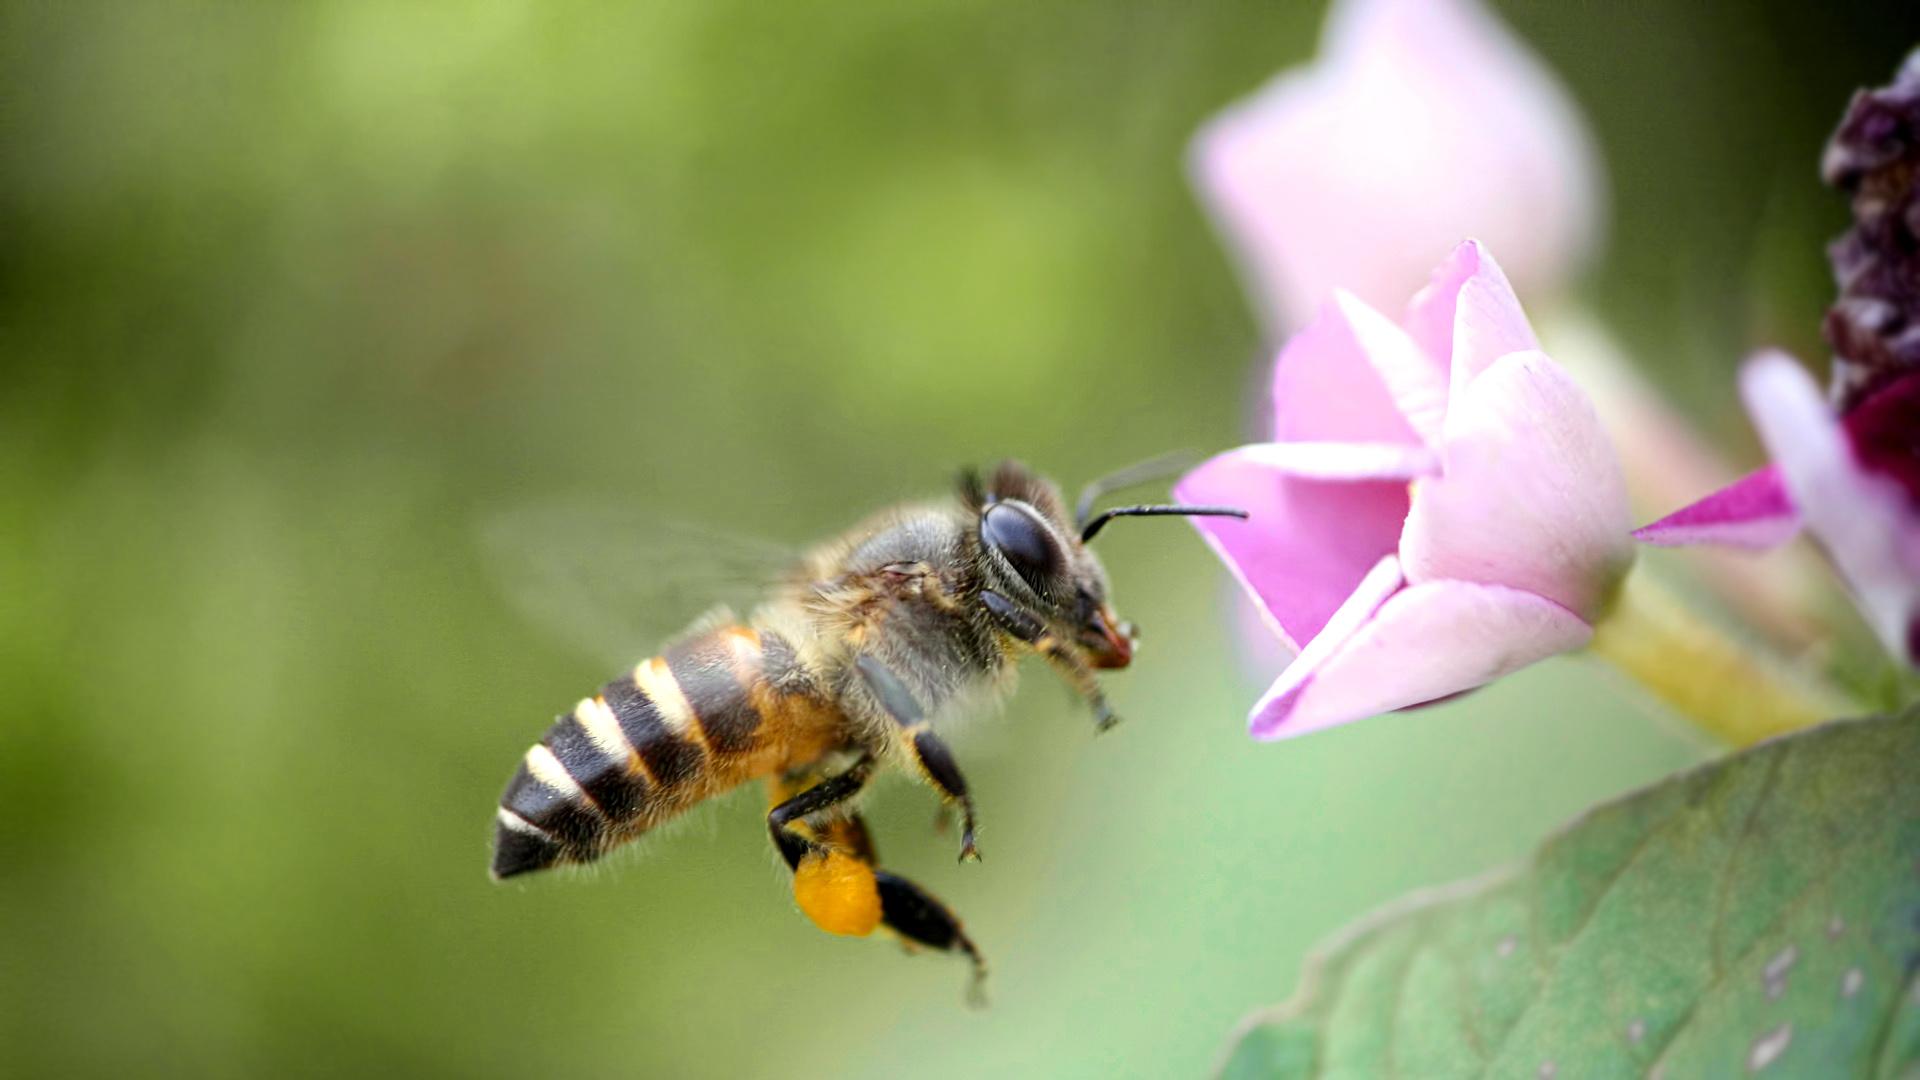 梦到被蜜蜂蛰了(梦到被蜜蜂蛰了预示着什么)